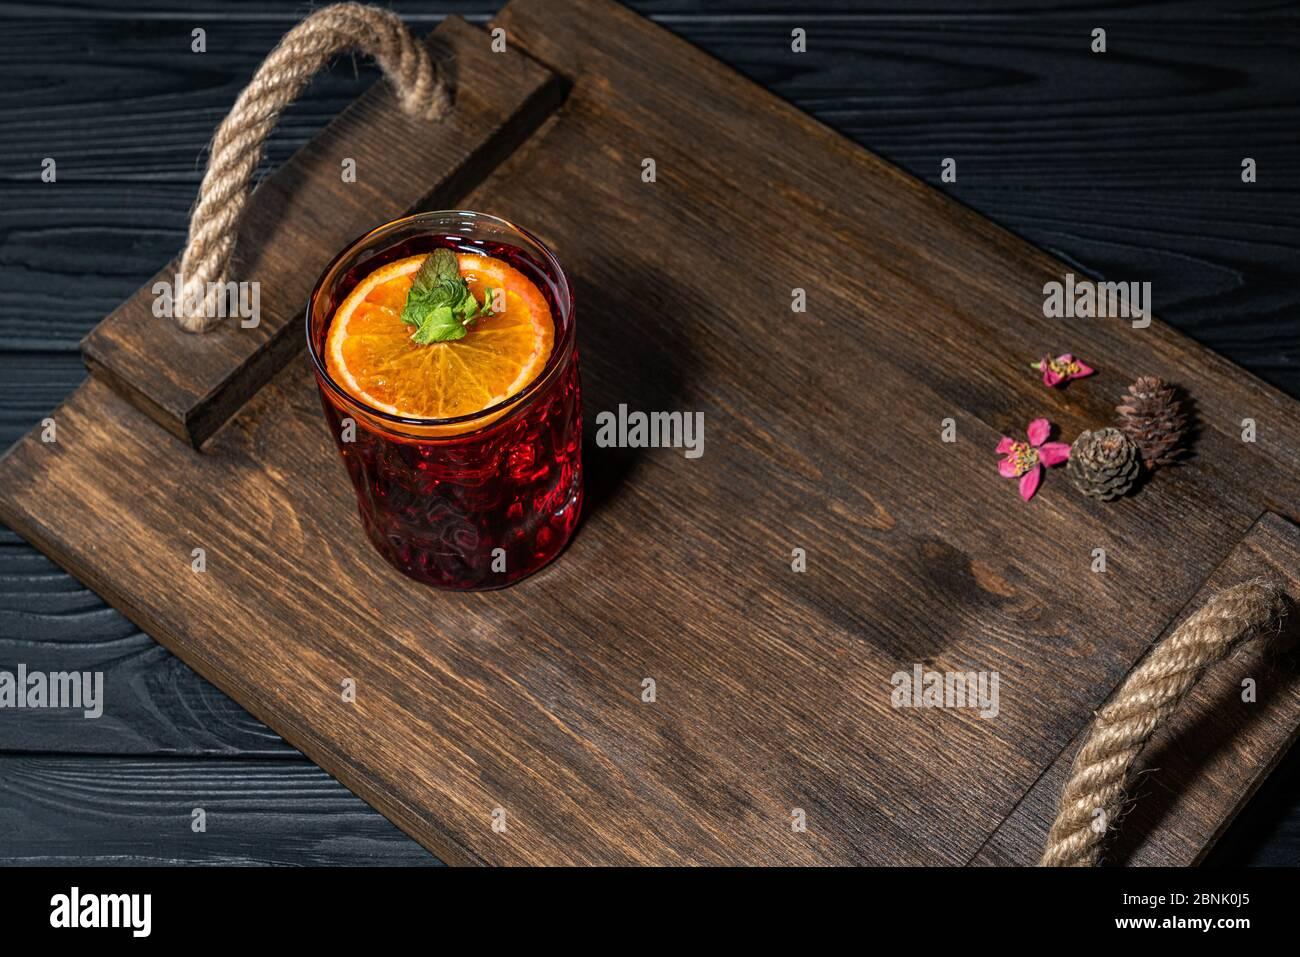 Cocktail traditionnel rouge vif avec whisky sur une planche en bois. Décoration avec des cônes et des petites fleurs roses. Exemple de service parfait Banque D'Images